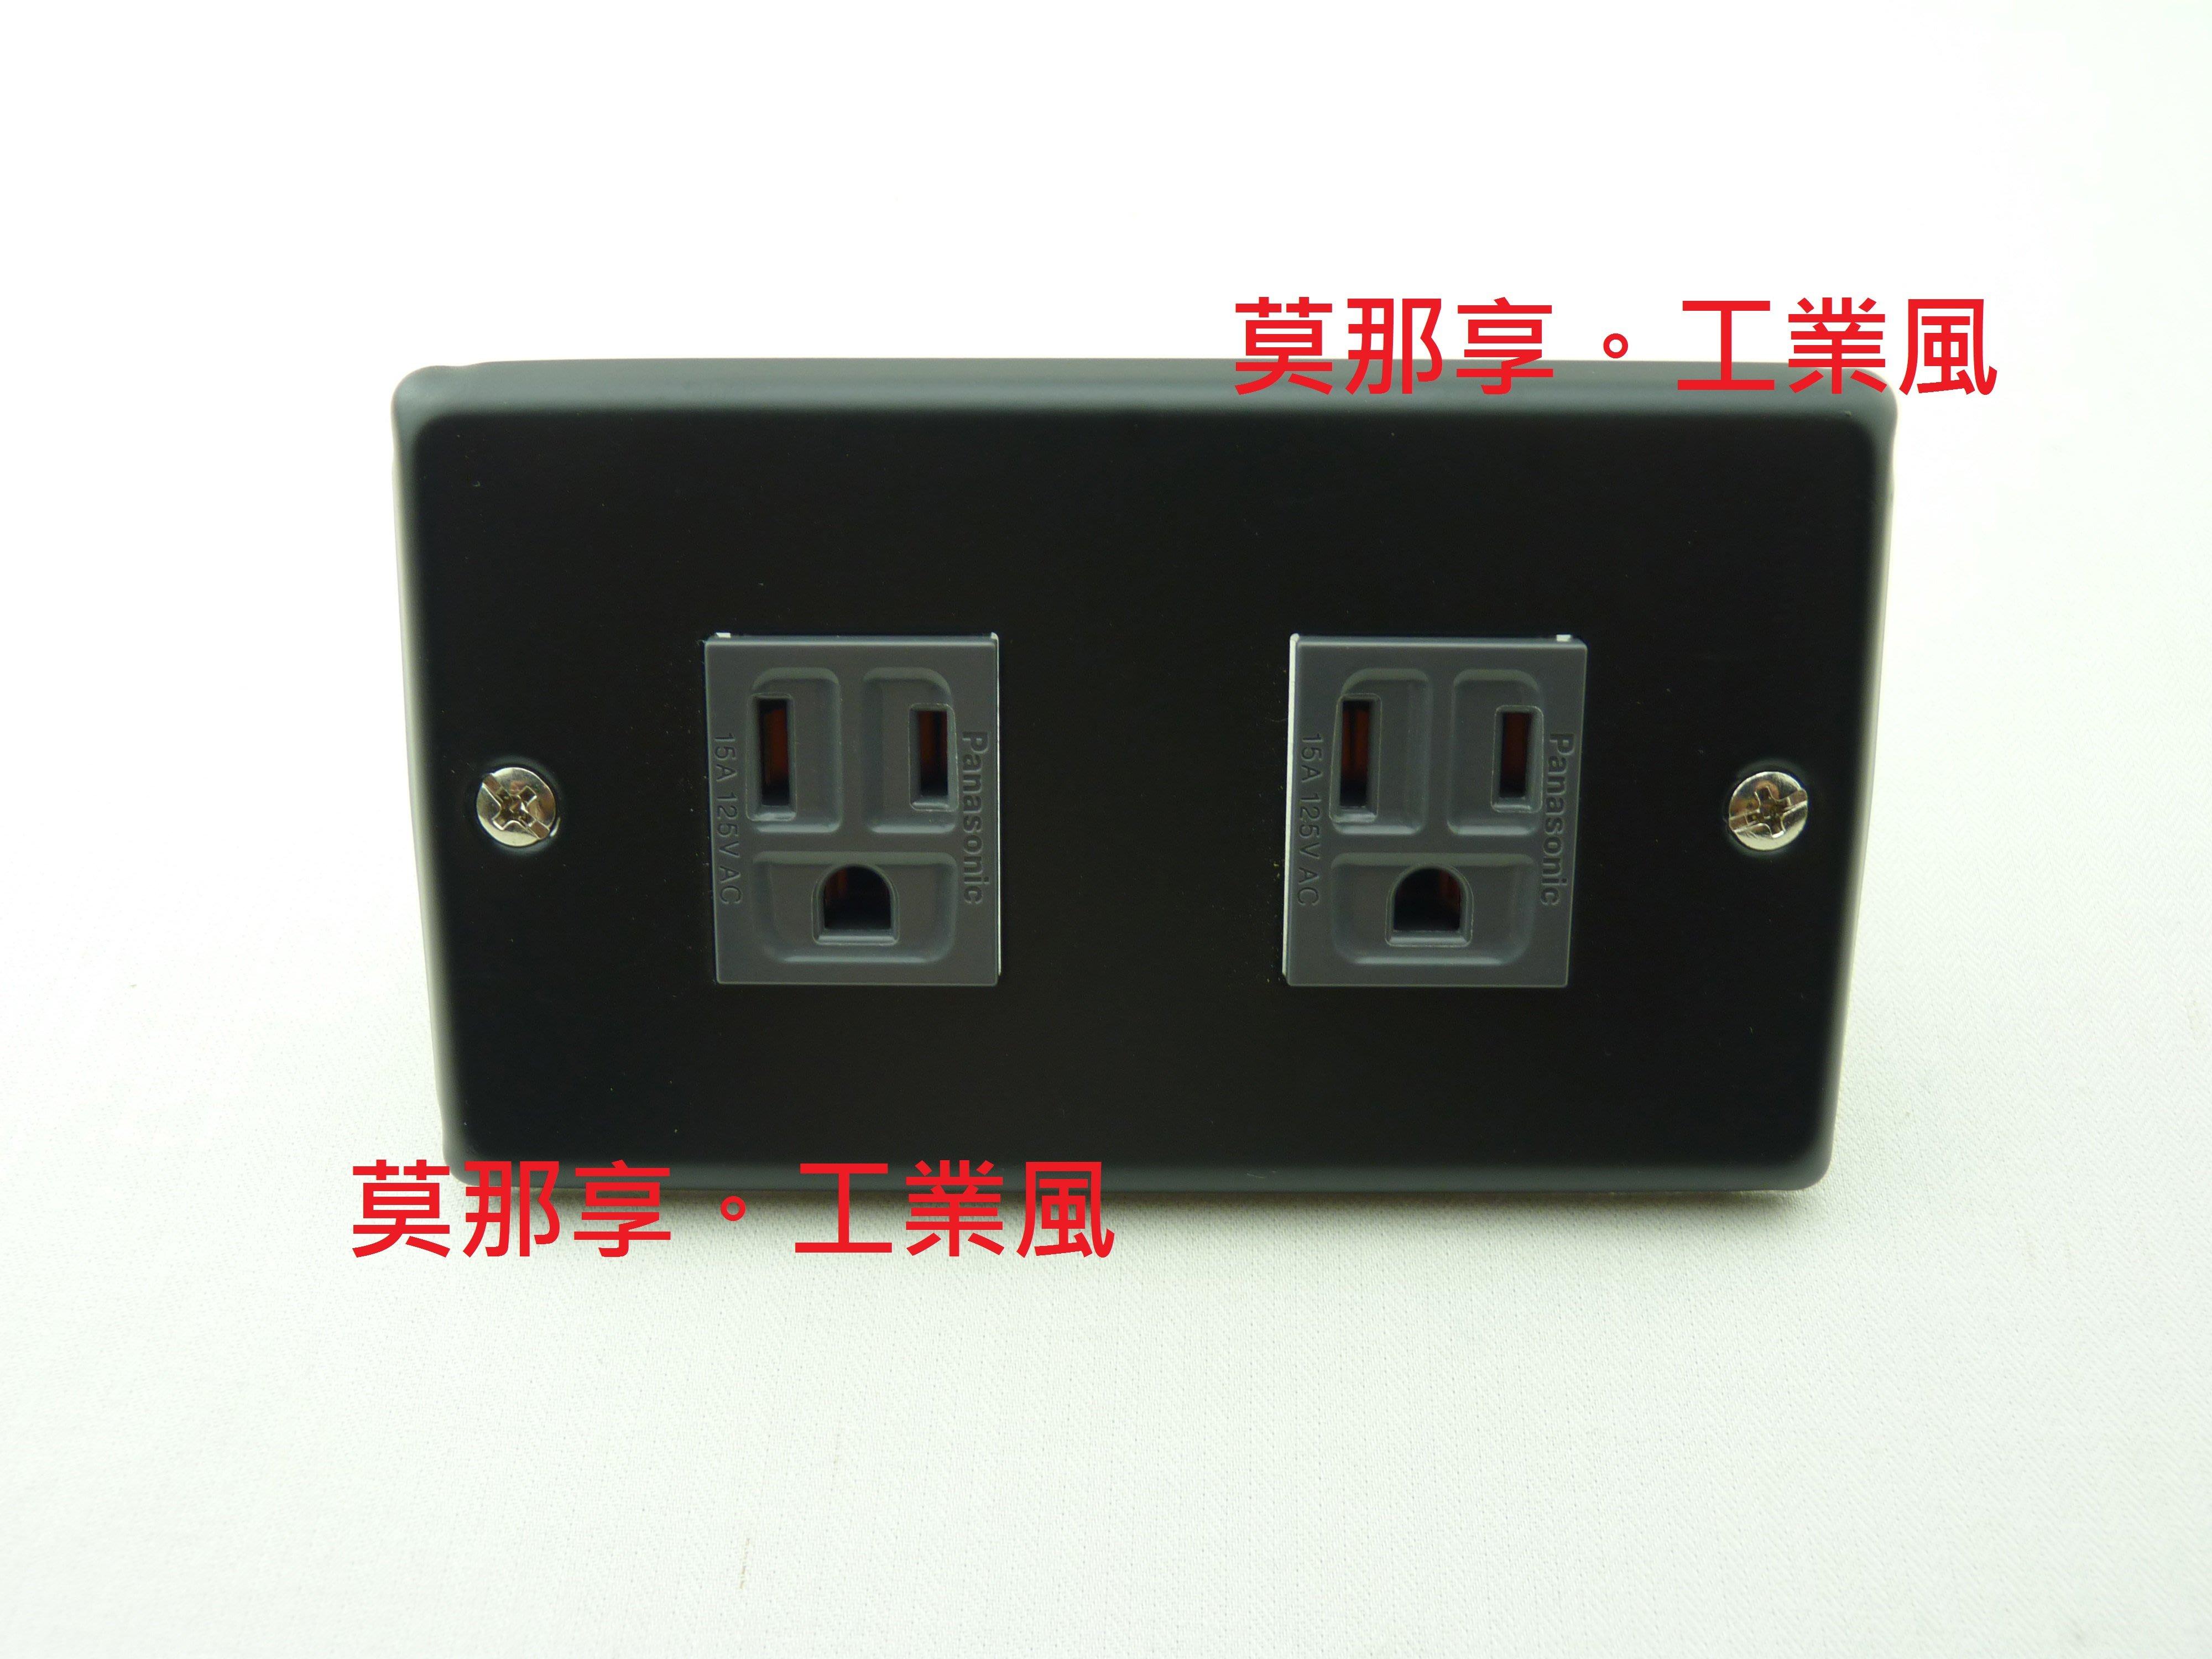 [ 莫那享 ] 工業風 不鏽鋼 復古 白鐵 開關 插座 電料 蓋板 面板 平光黑三孔雙插(灰色) K-172